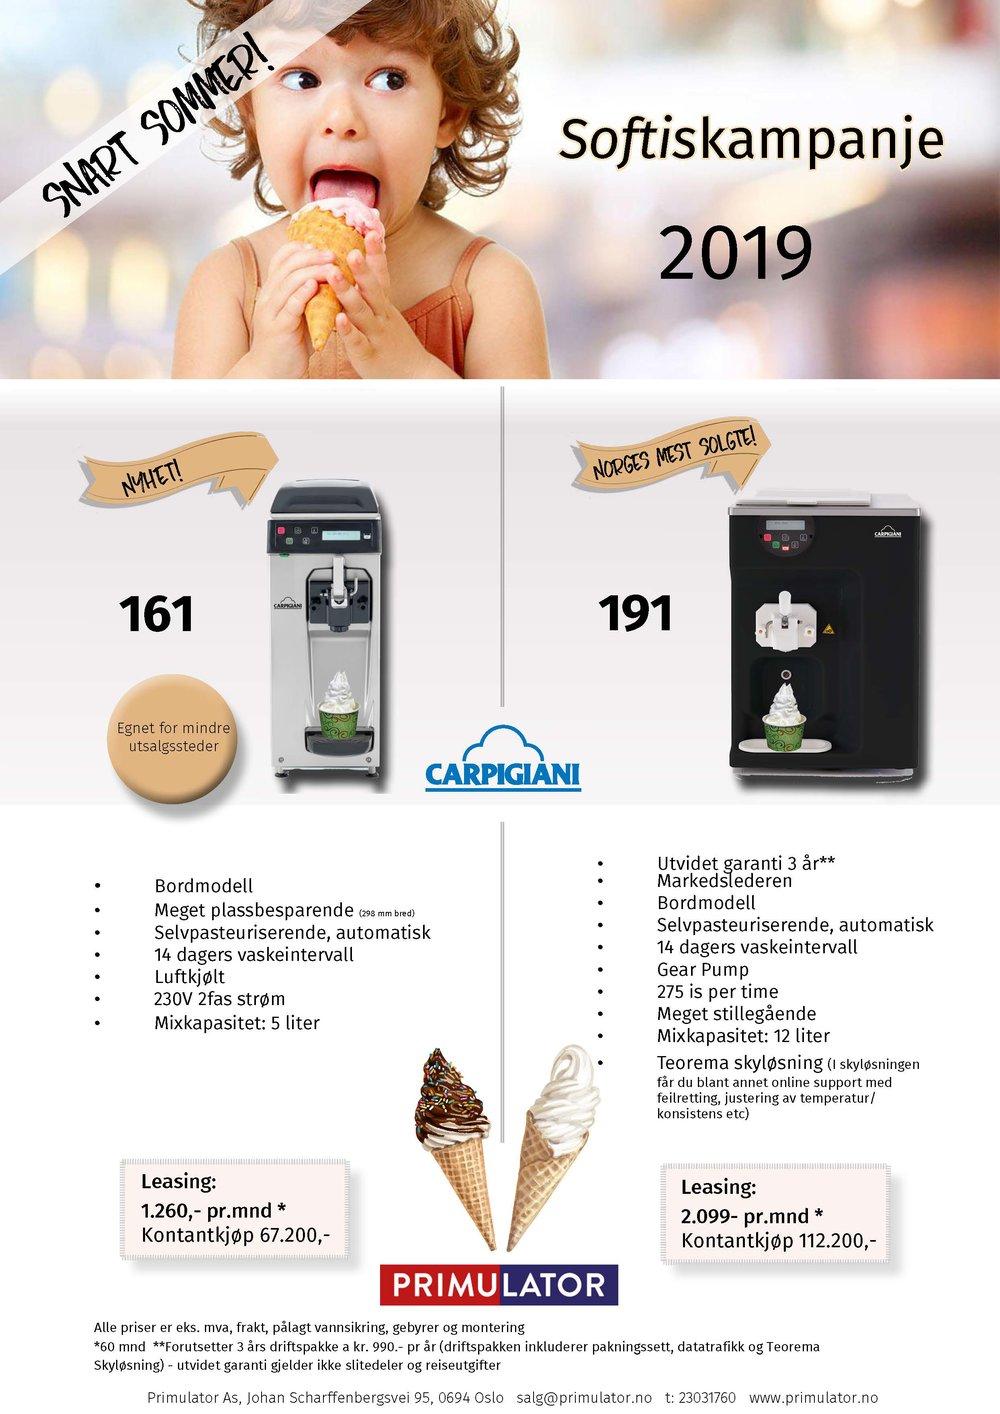 softiskampanje 2019.jpg